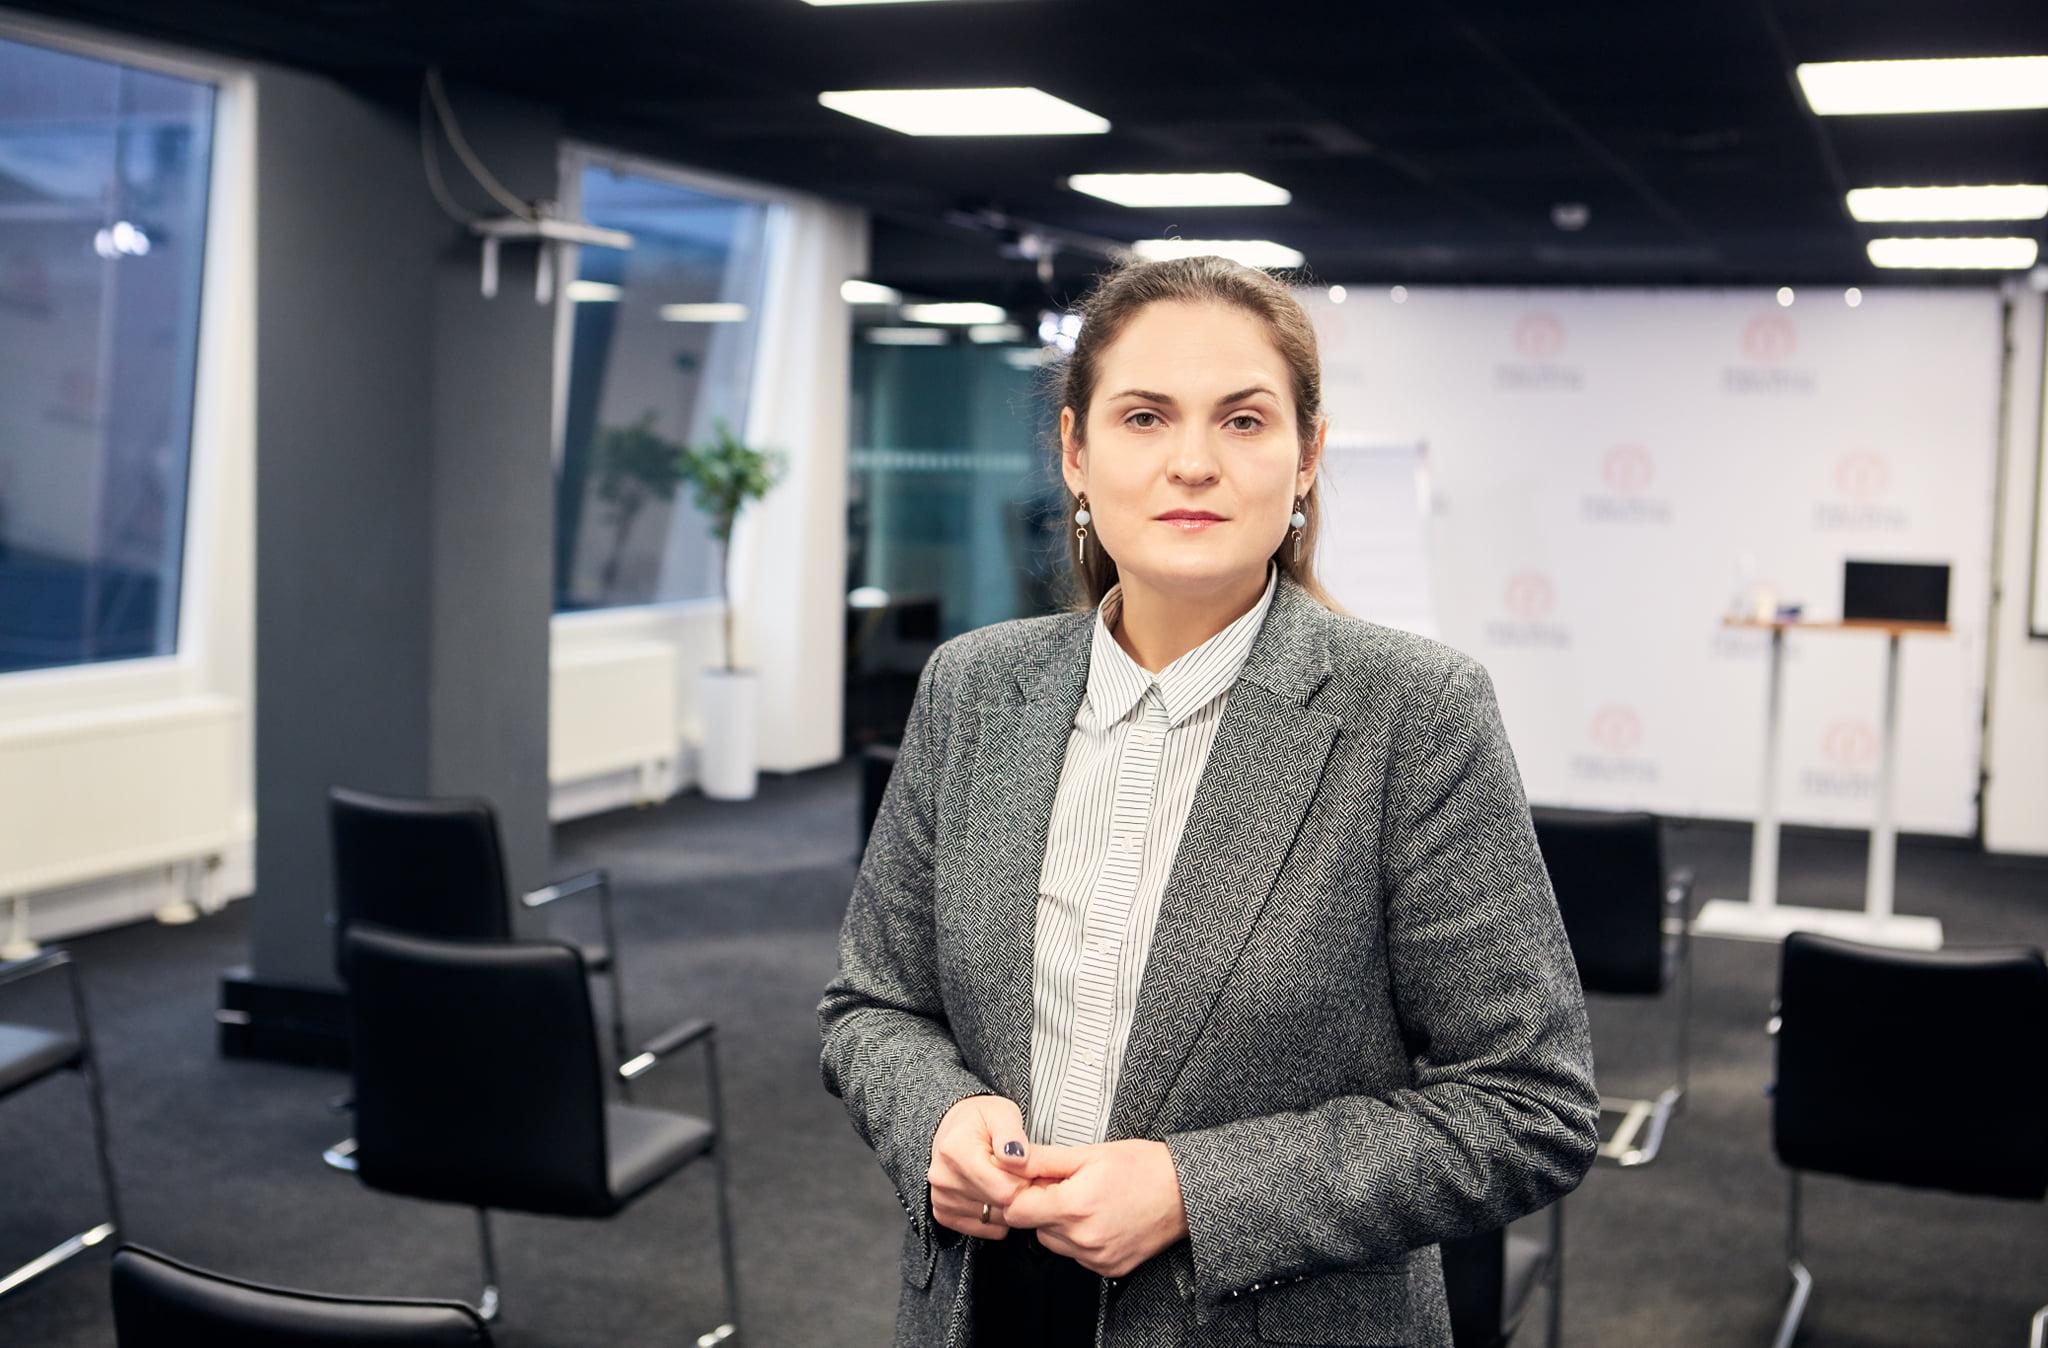 Множинне громадянство в Україні: туманні перспективи регулювання